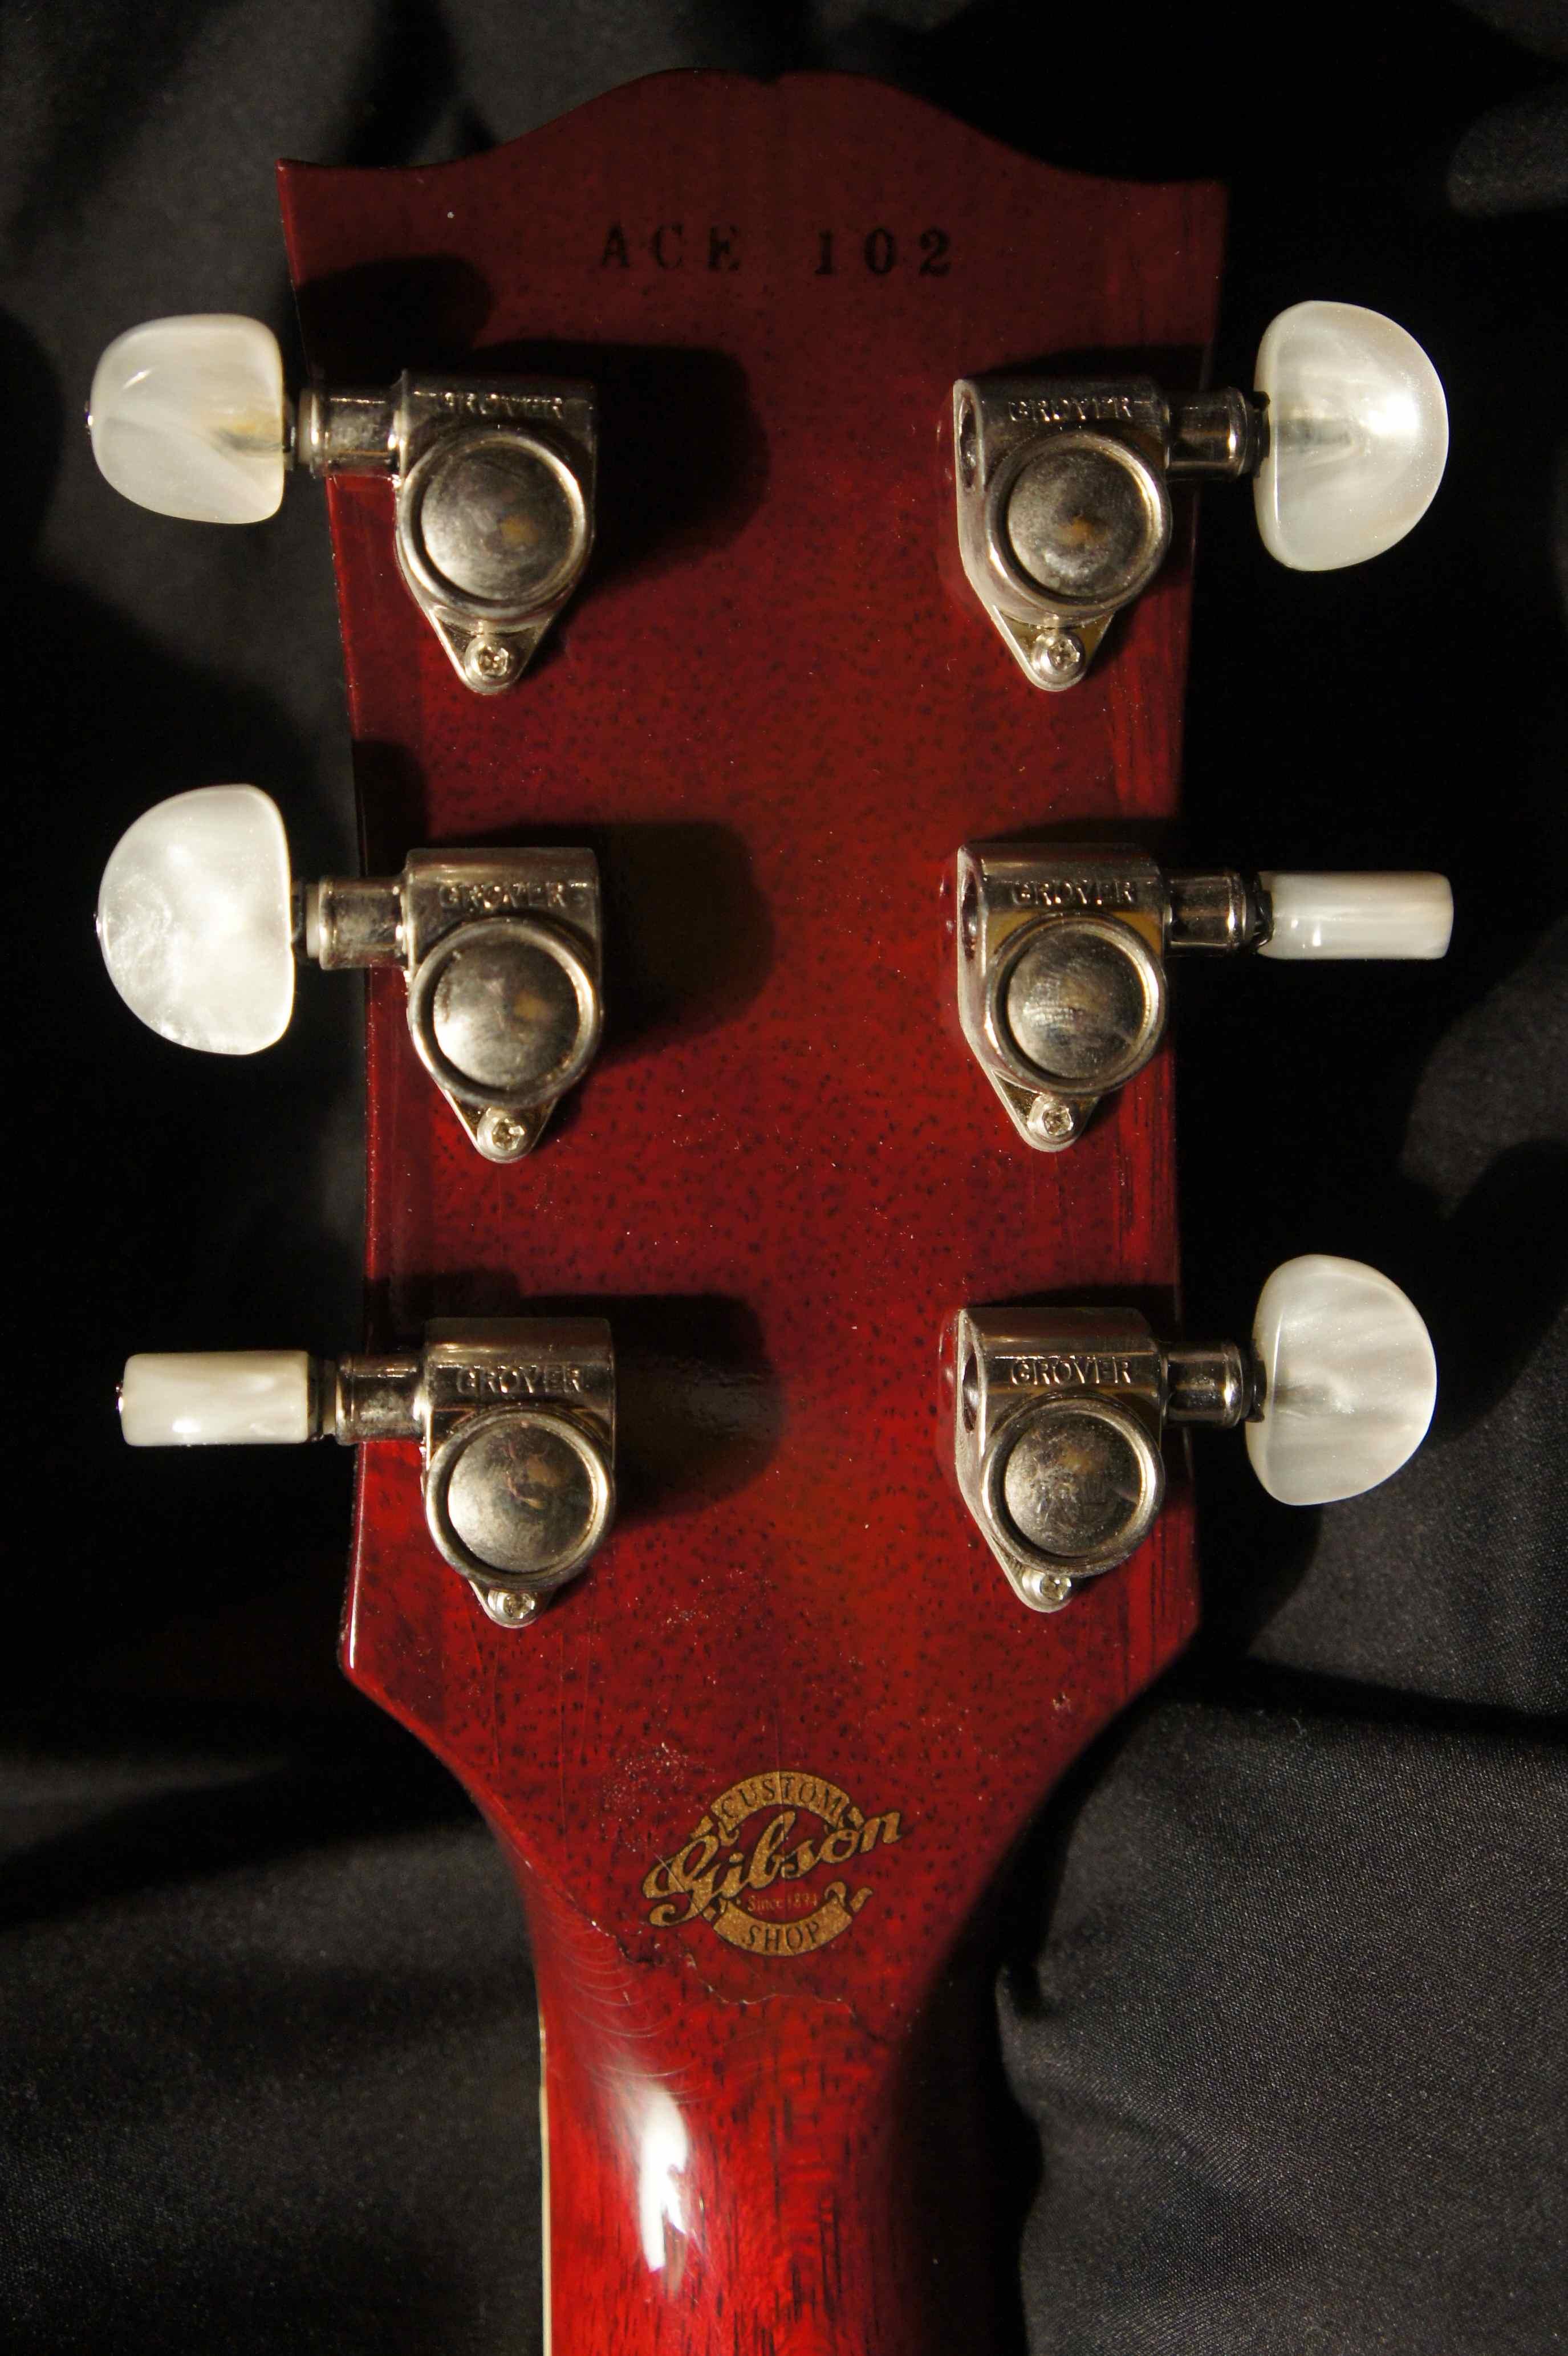 Gibson, Les Paul Ace Frehley Custom Shop, 1997 - Ace Frehley